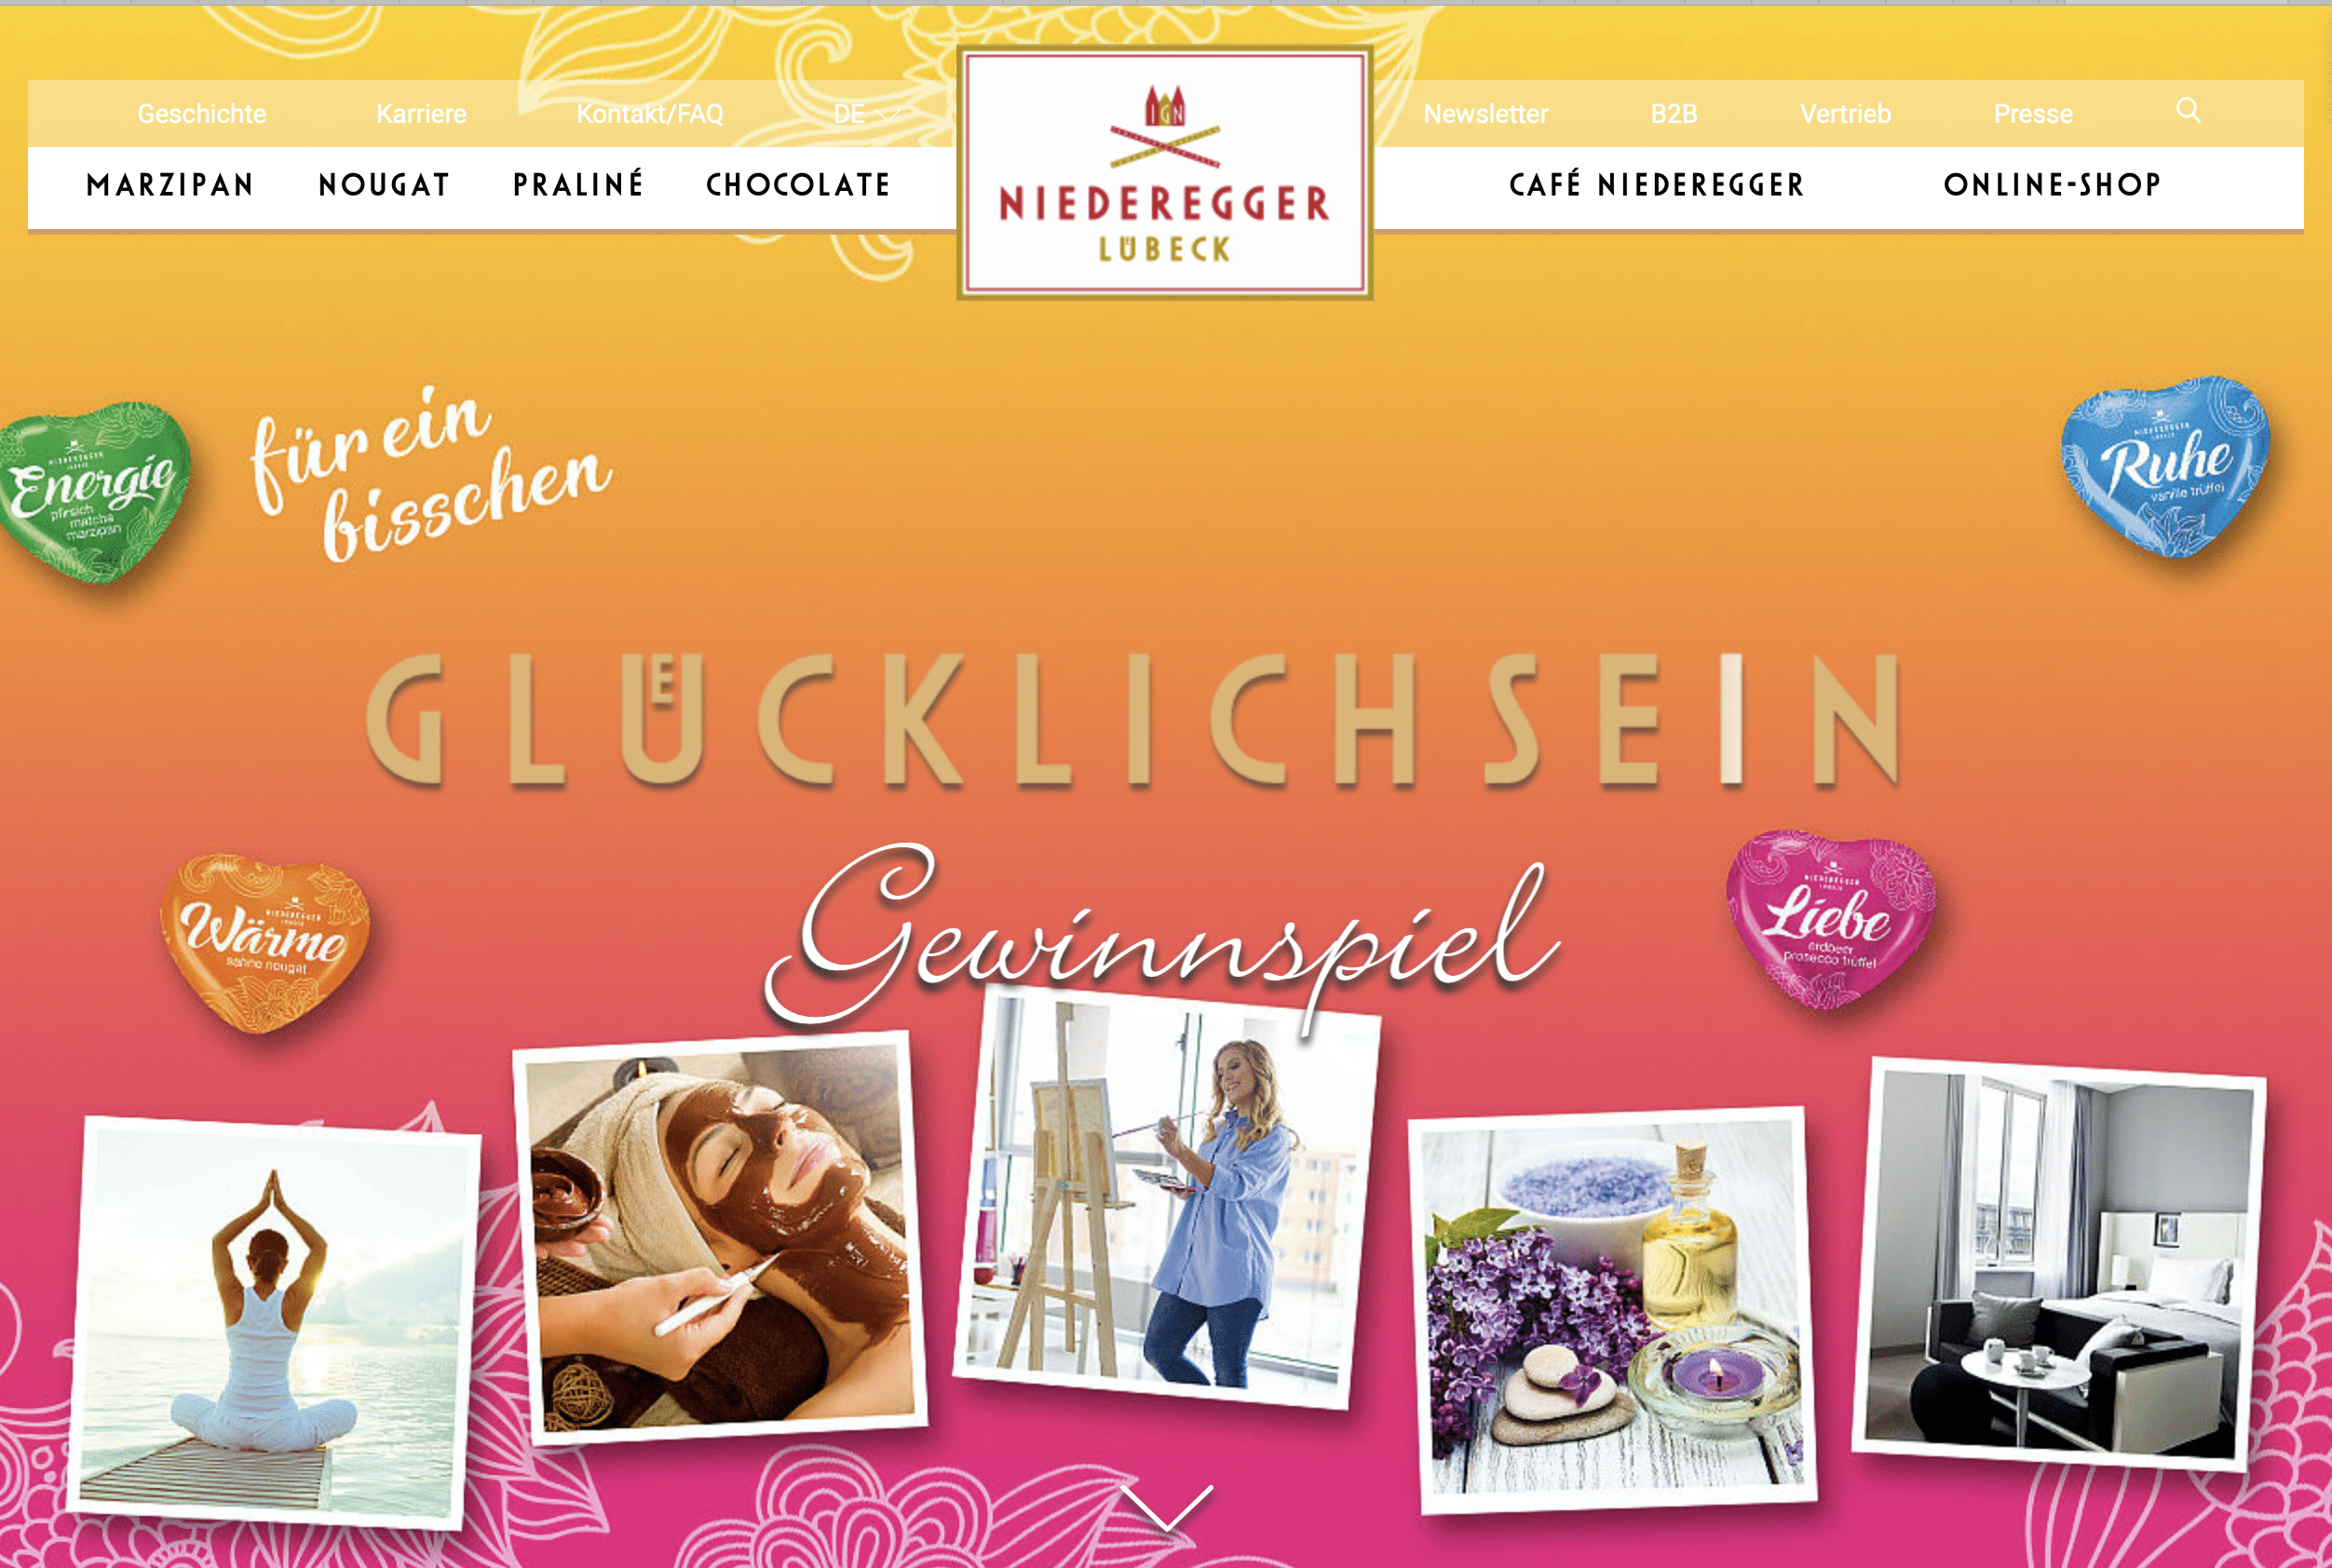 Gewinnspiel- Cases FMCG Süßwaren & Snacks Niederegger